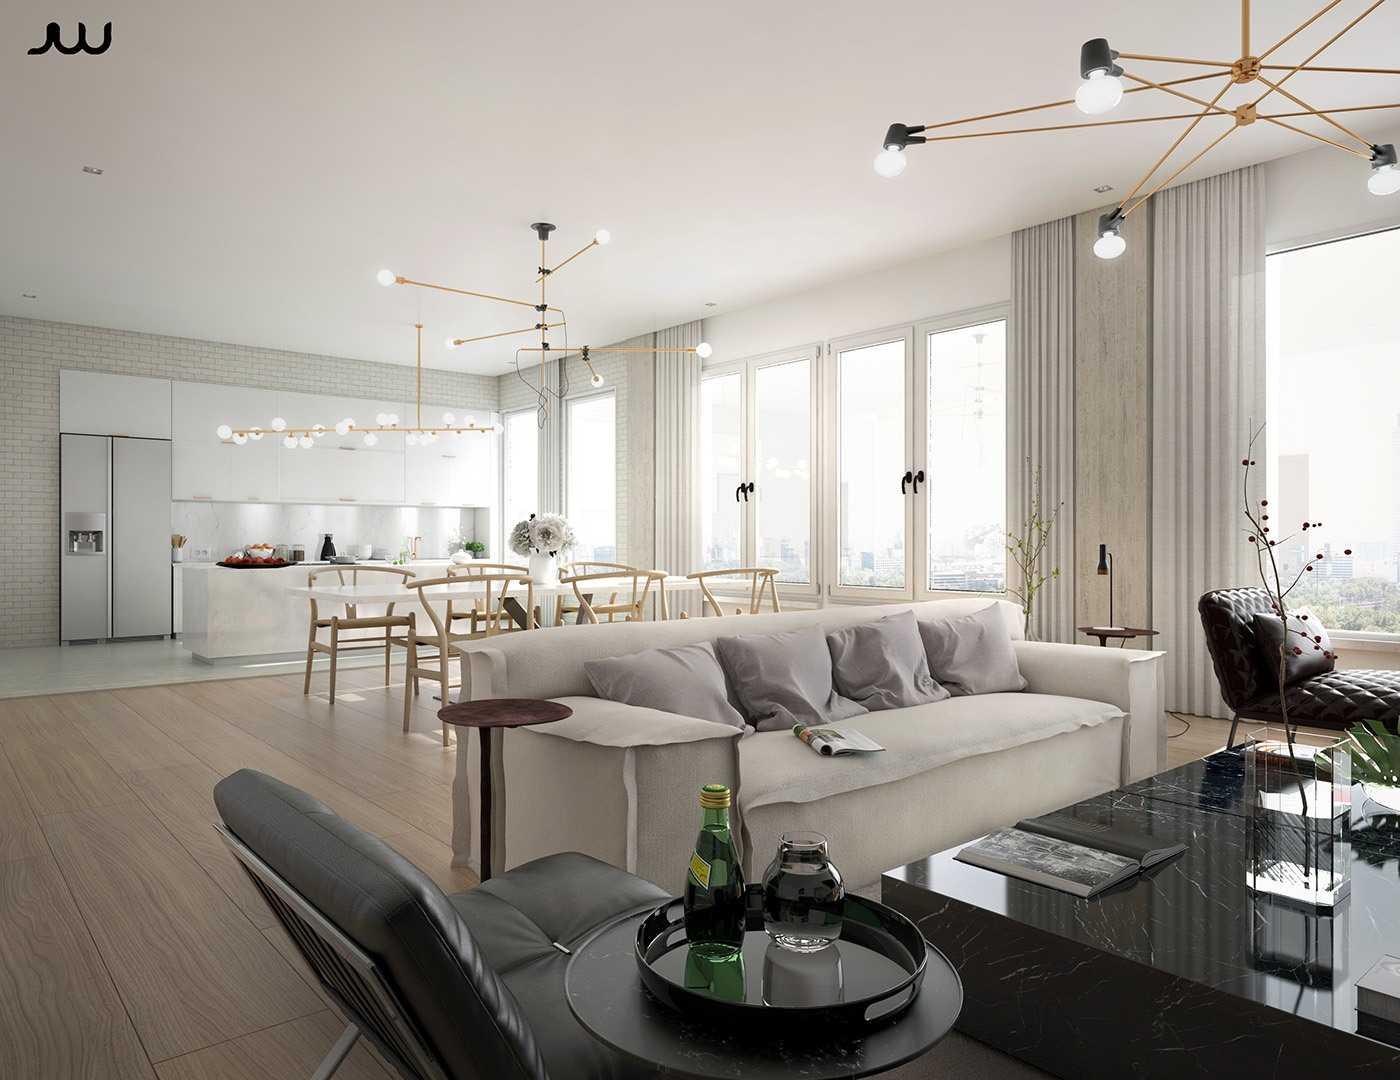 Desain ruang tamu apartemen mewah (Sumber: home-designing.com)